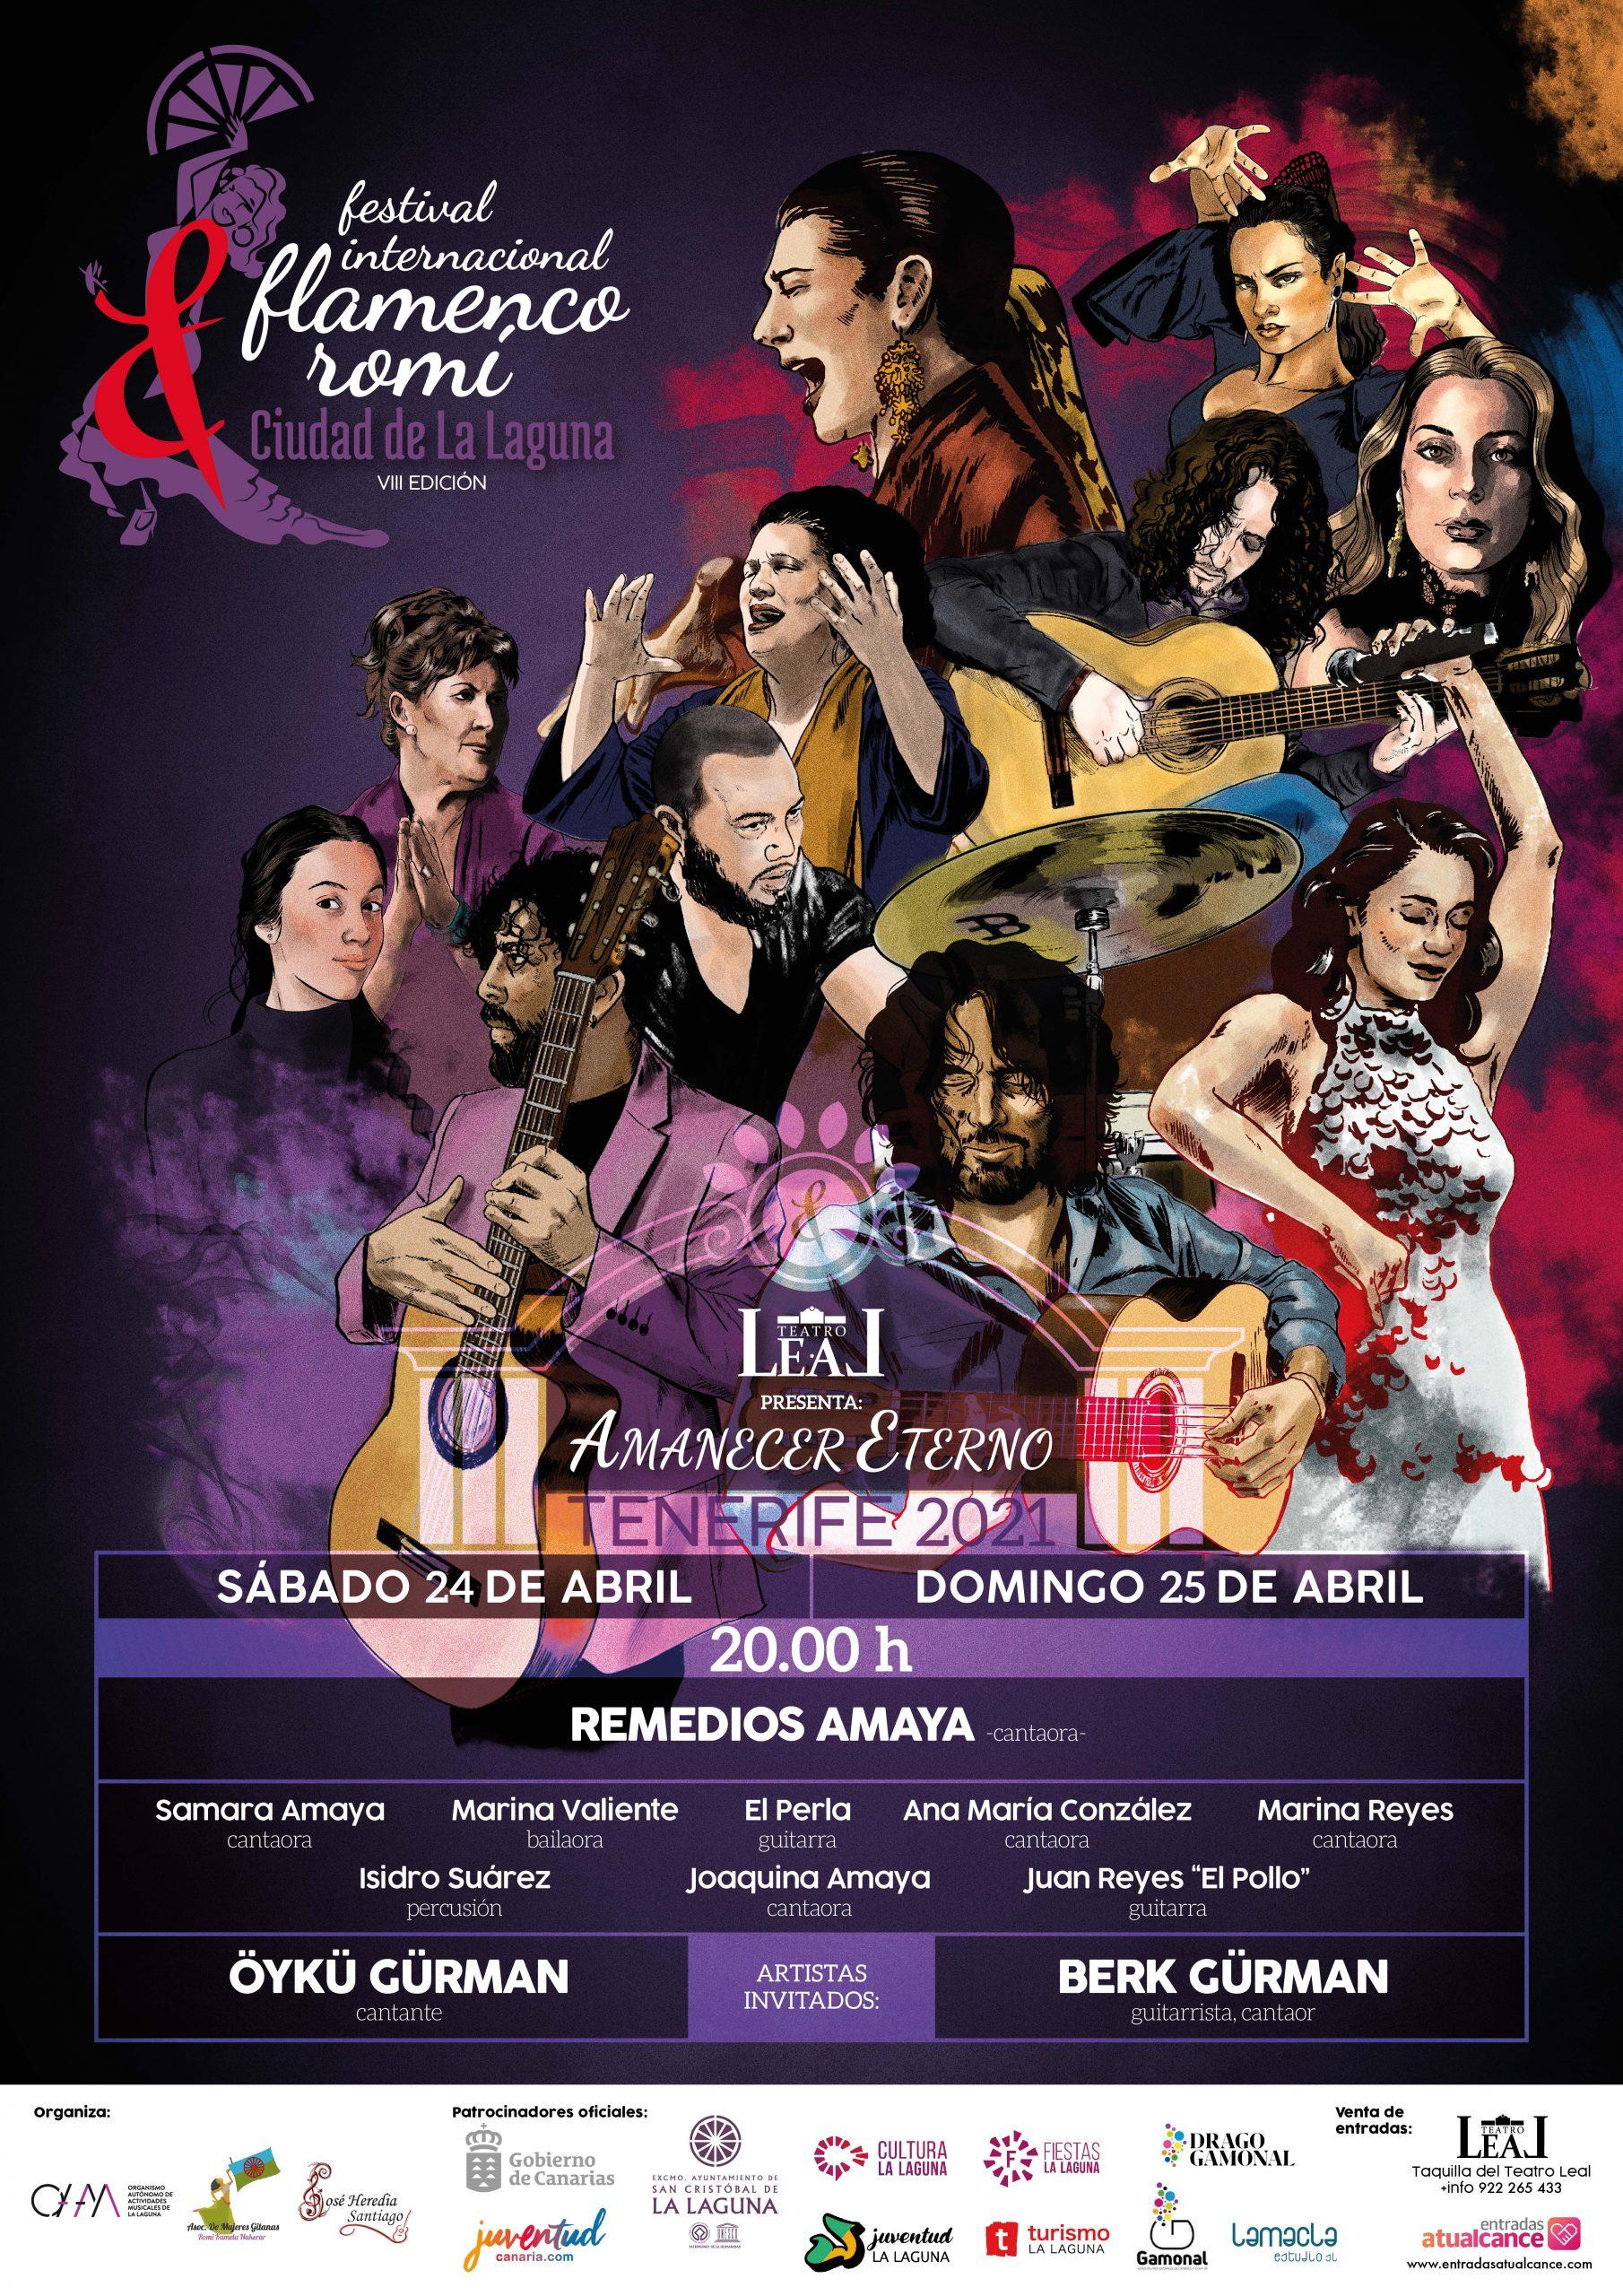 El Teatro Leal, acoge al mejor flamenco en el VIII Festival Internacional Flamenco Romí, Ciudad de La Laguna, Amanecer Eterno